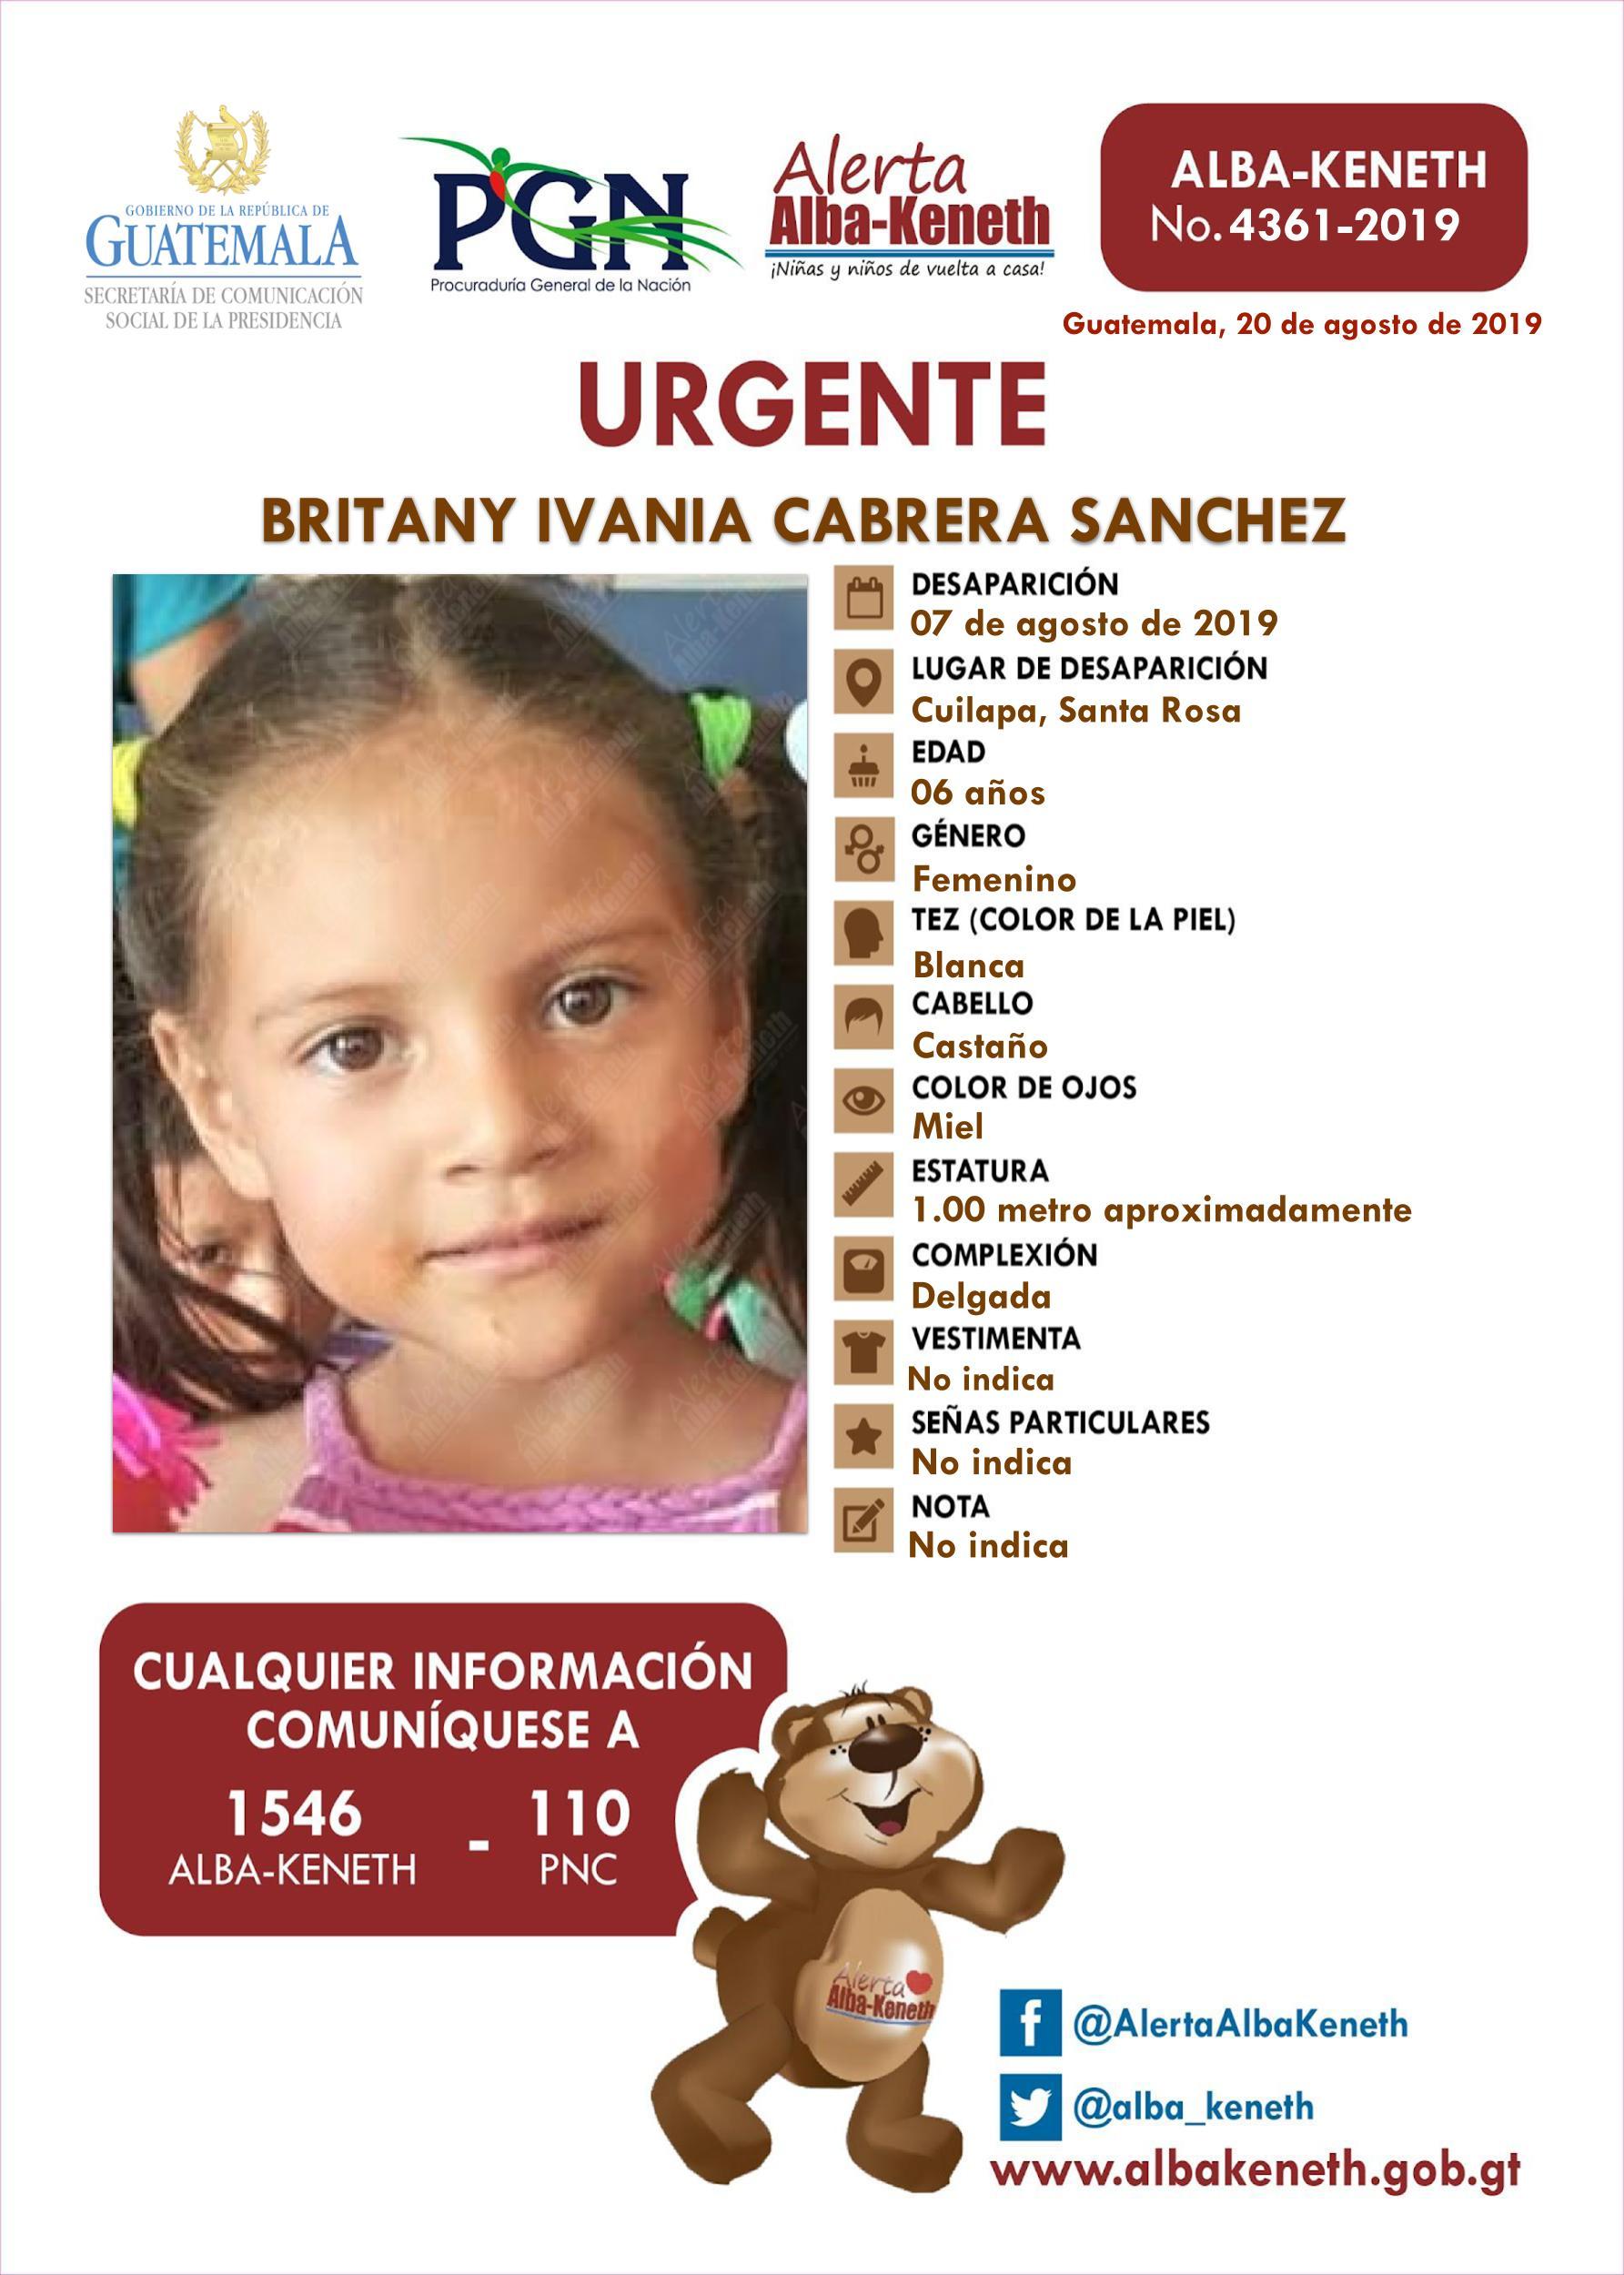 Britany Ivania Cabrera Sanchez